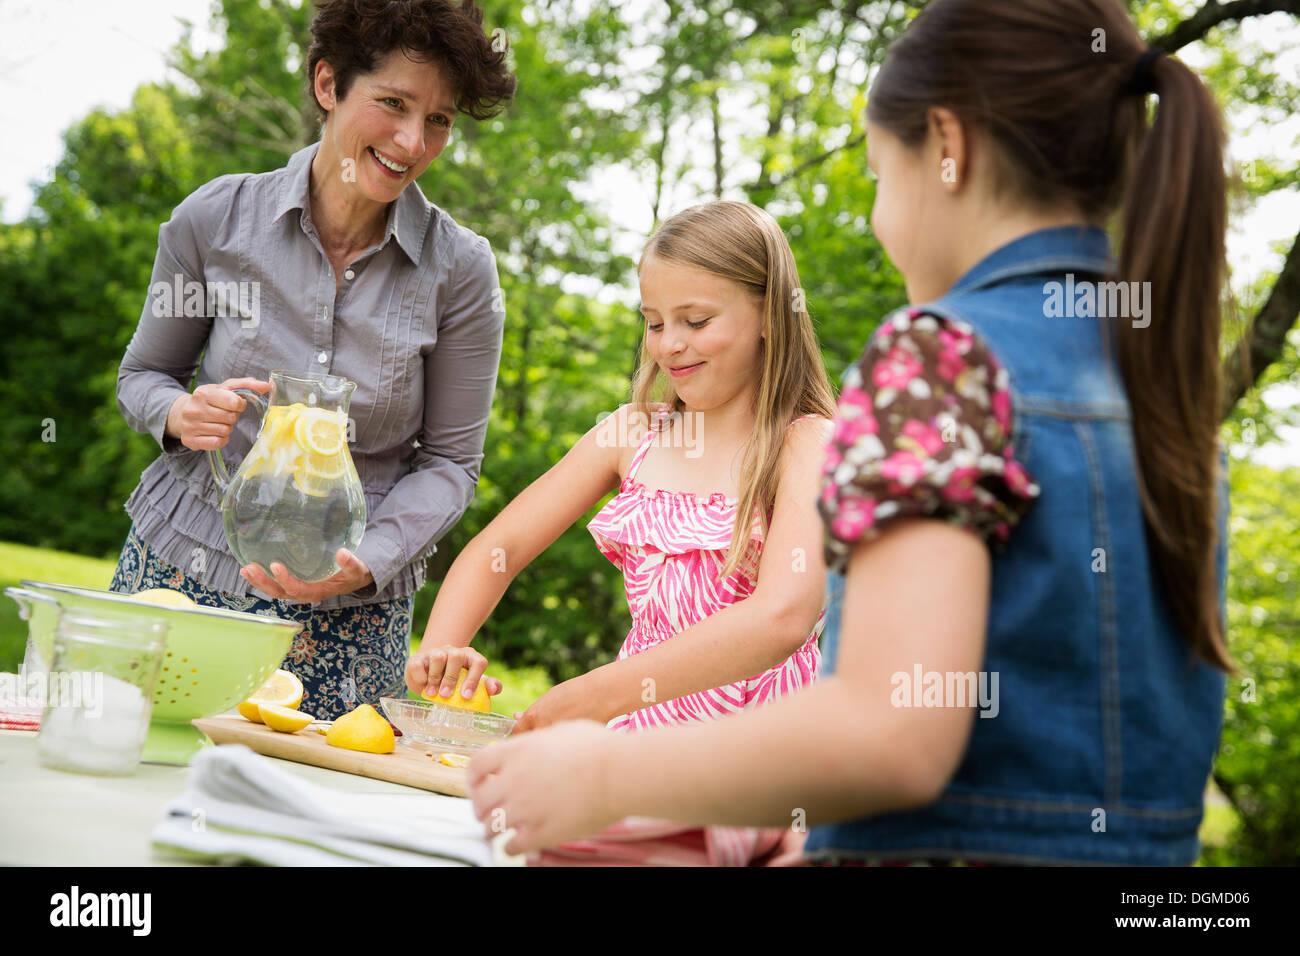 Un estate incontro di famiglia in una fattoria. Una donna e due bambini in piedi fuori da una tabella, che stabilisce la tabella. Facendo una limonata. Immagini Stock